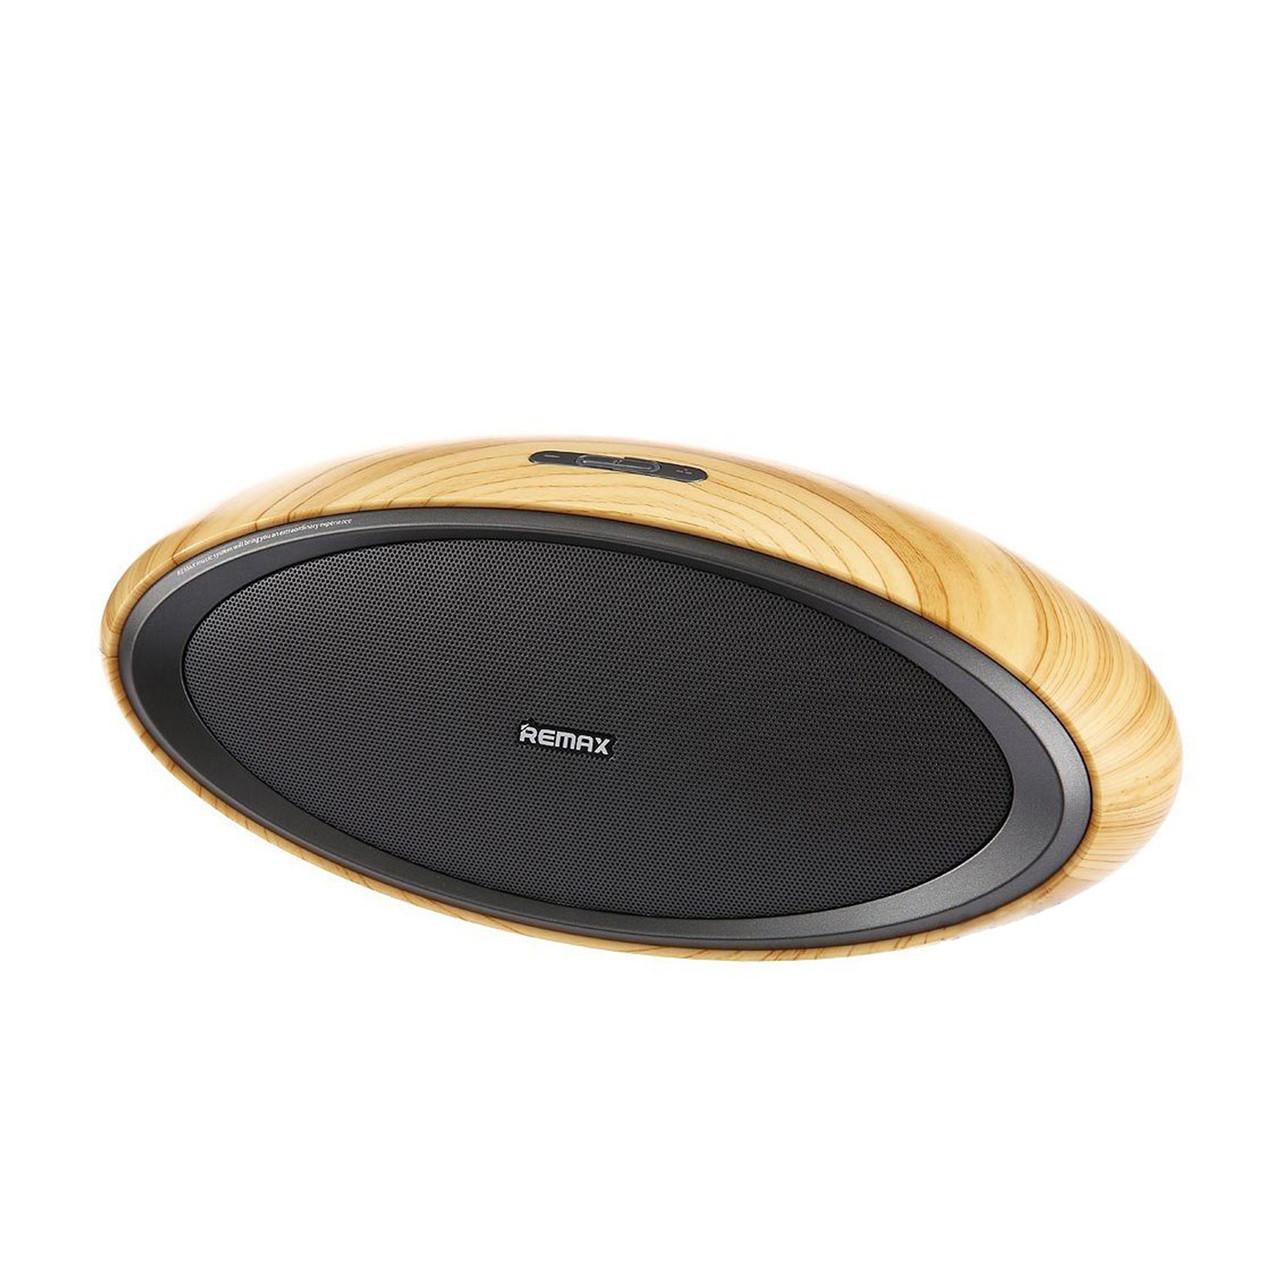 Портативная акустическая система Bluetooth Remax RB-H7 Wood Beige/Black